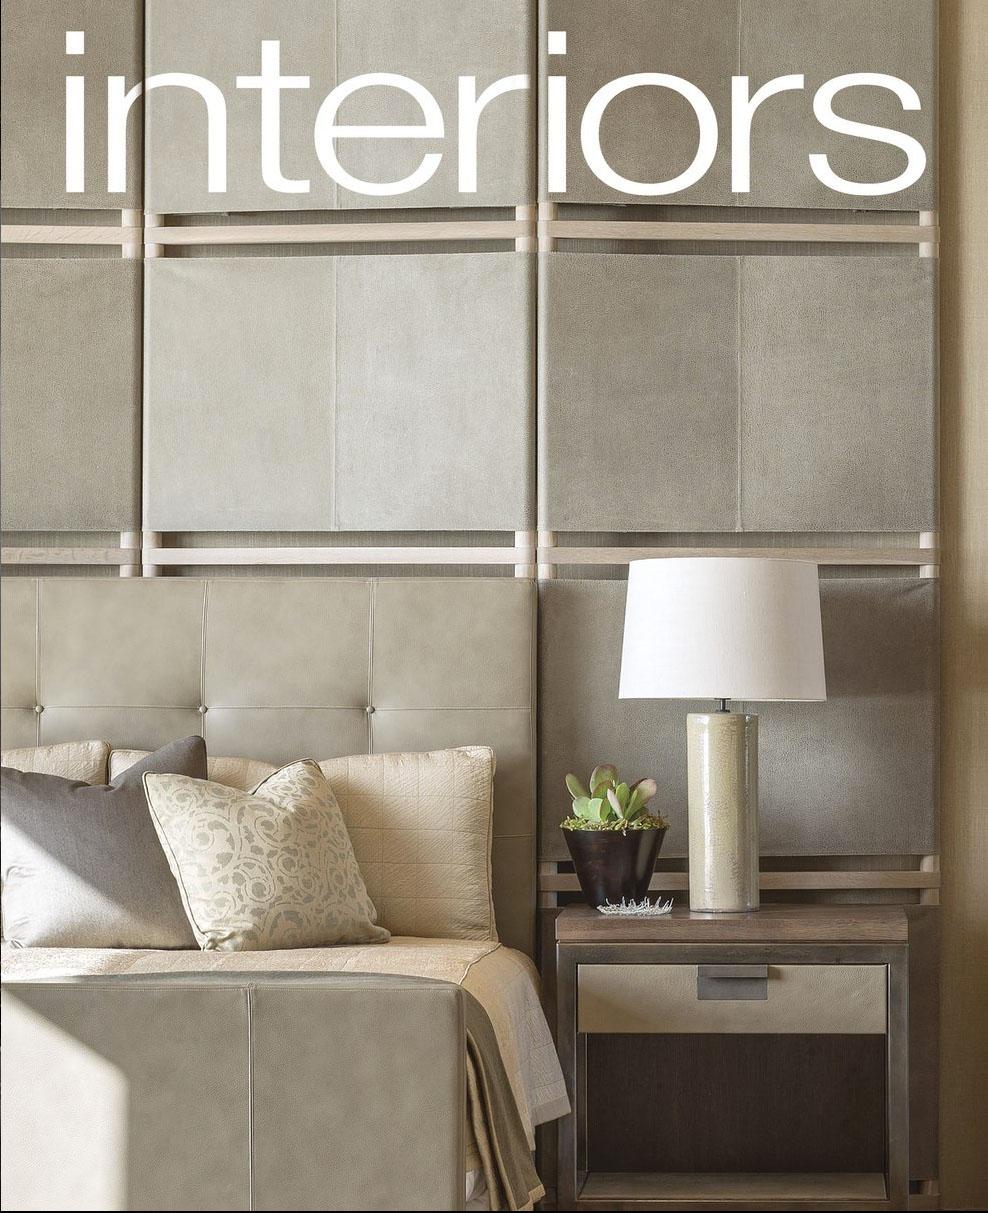 Interiors FebMar2015Cvr.jpg